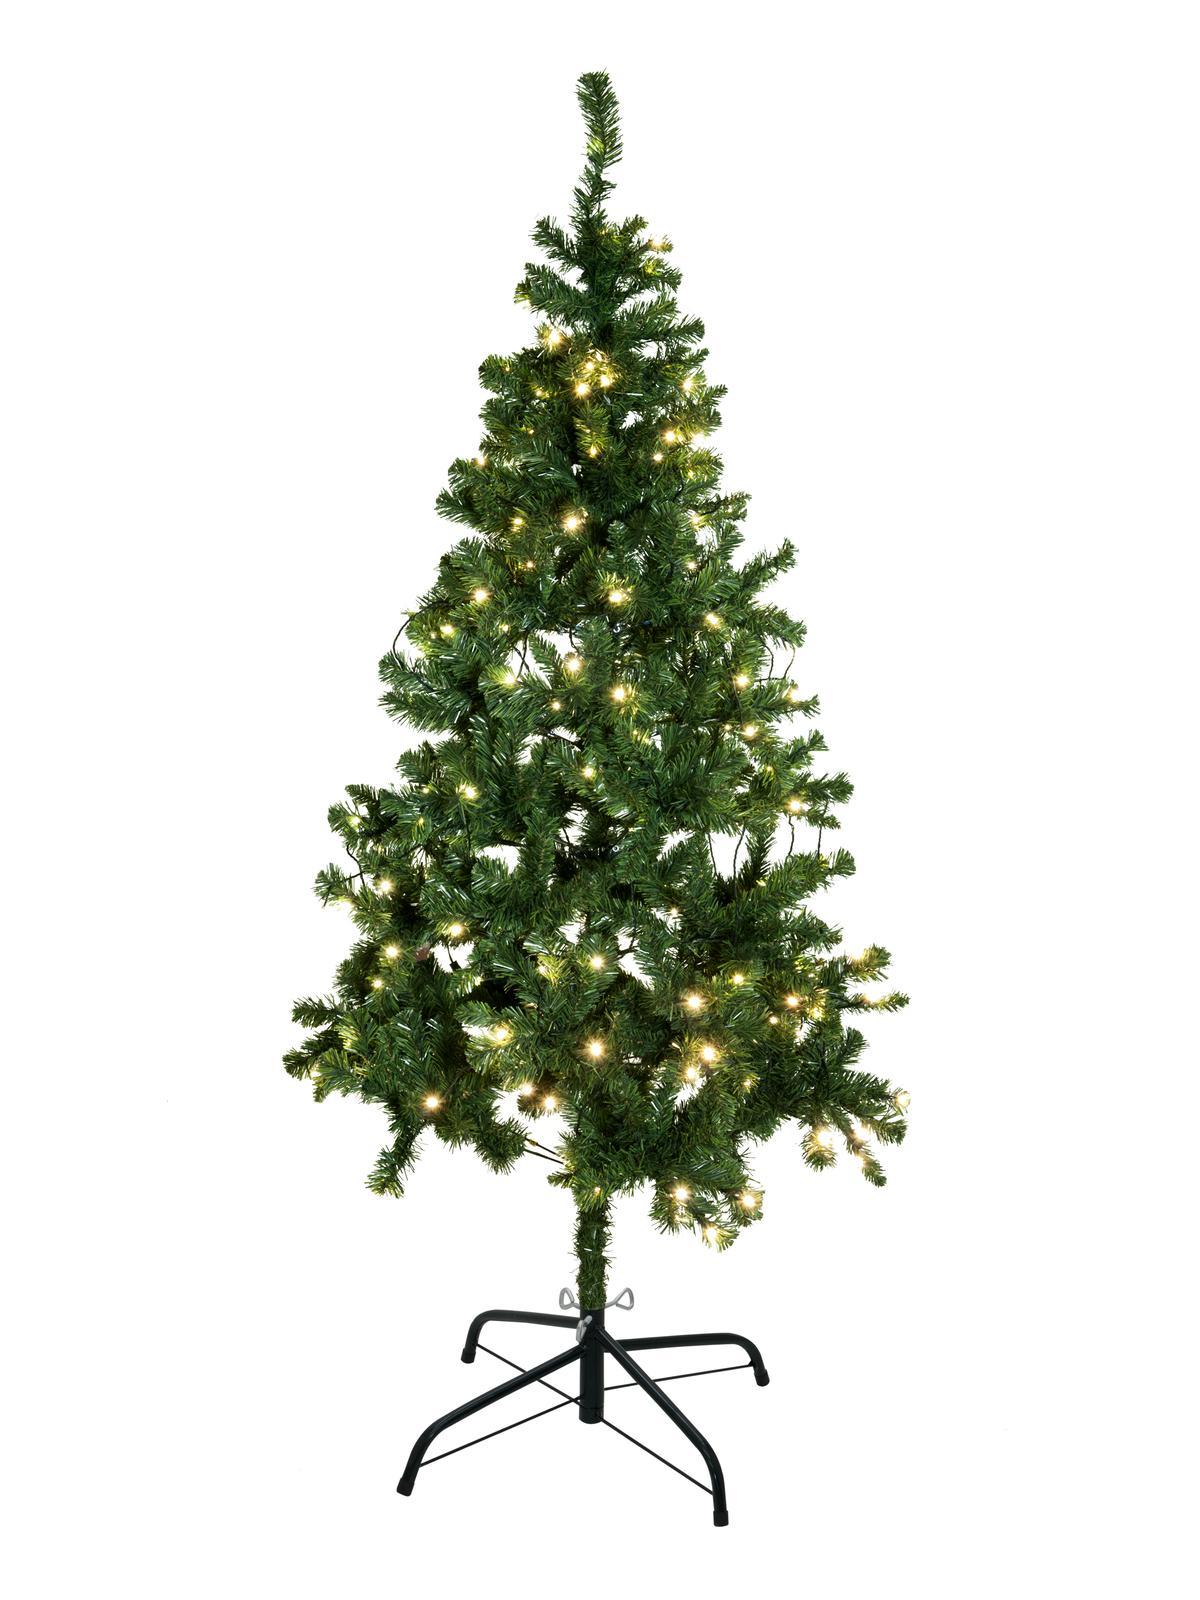 Umělý vánoční stromek s LED bílými žárovkami, 180 cm